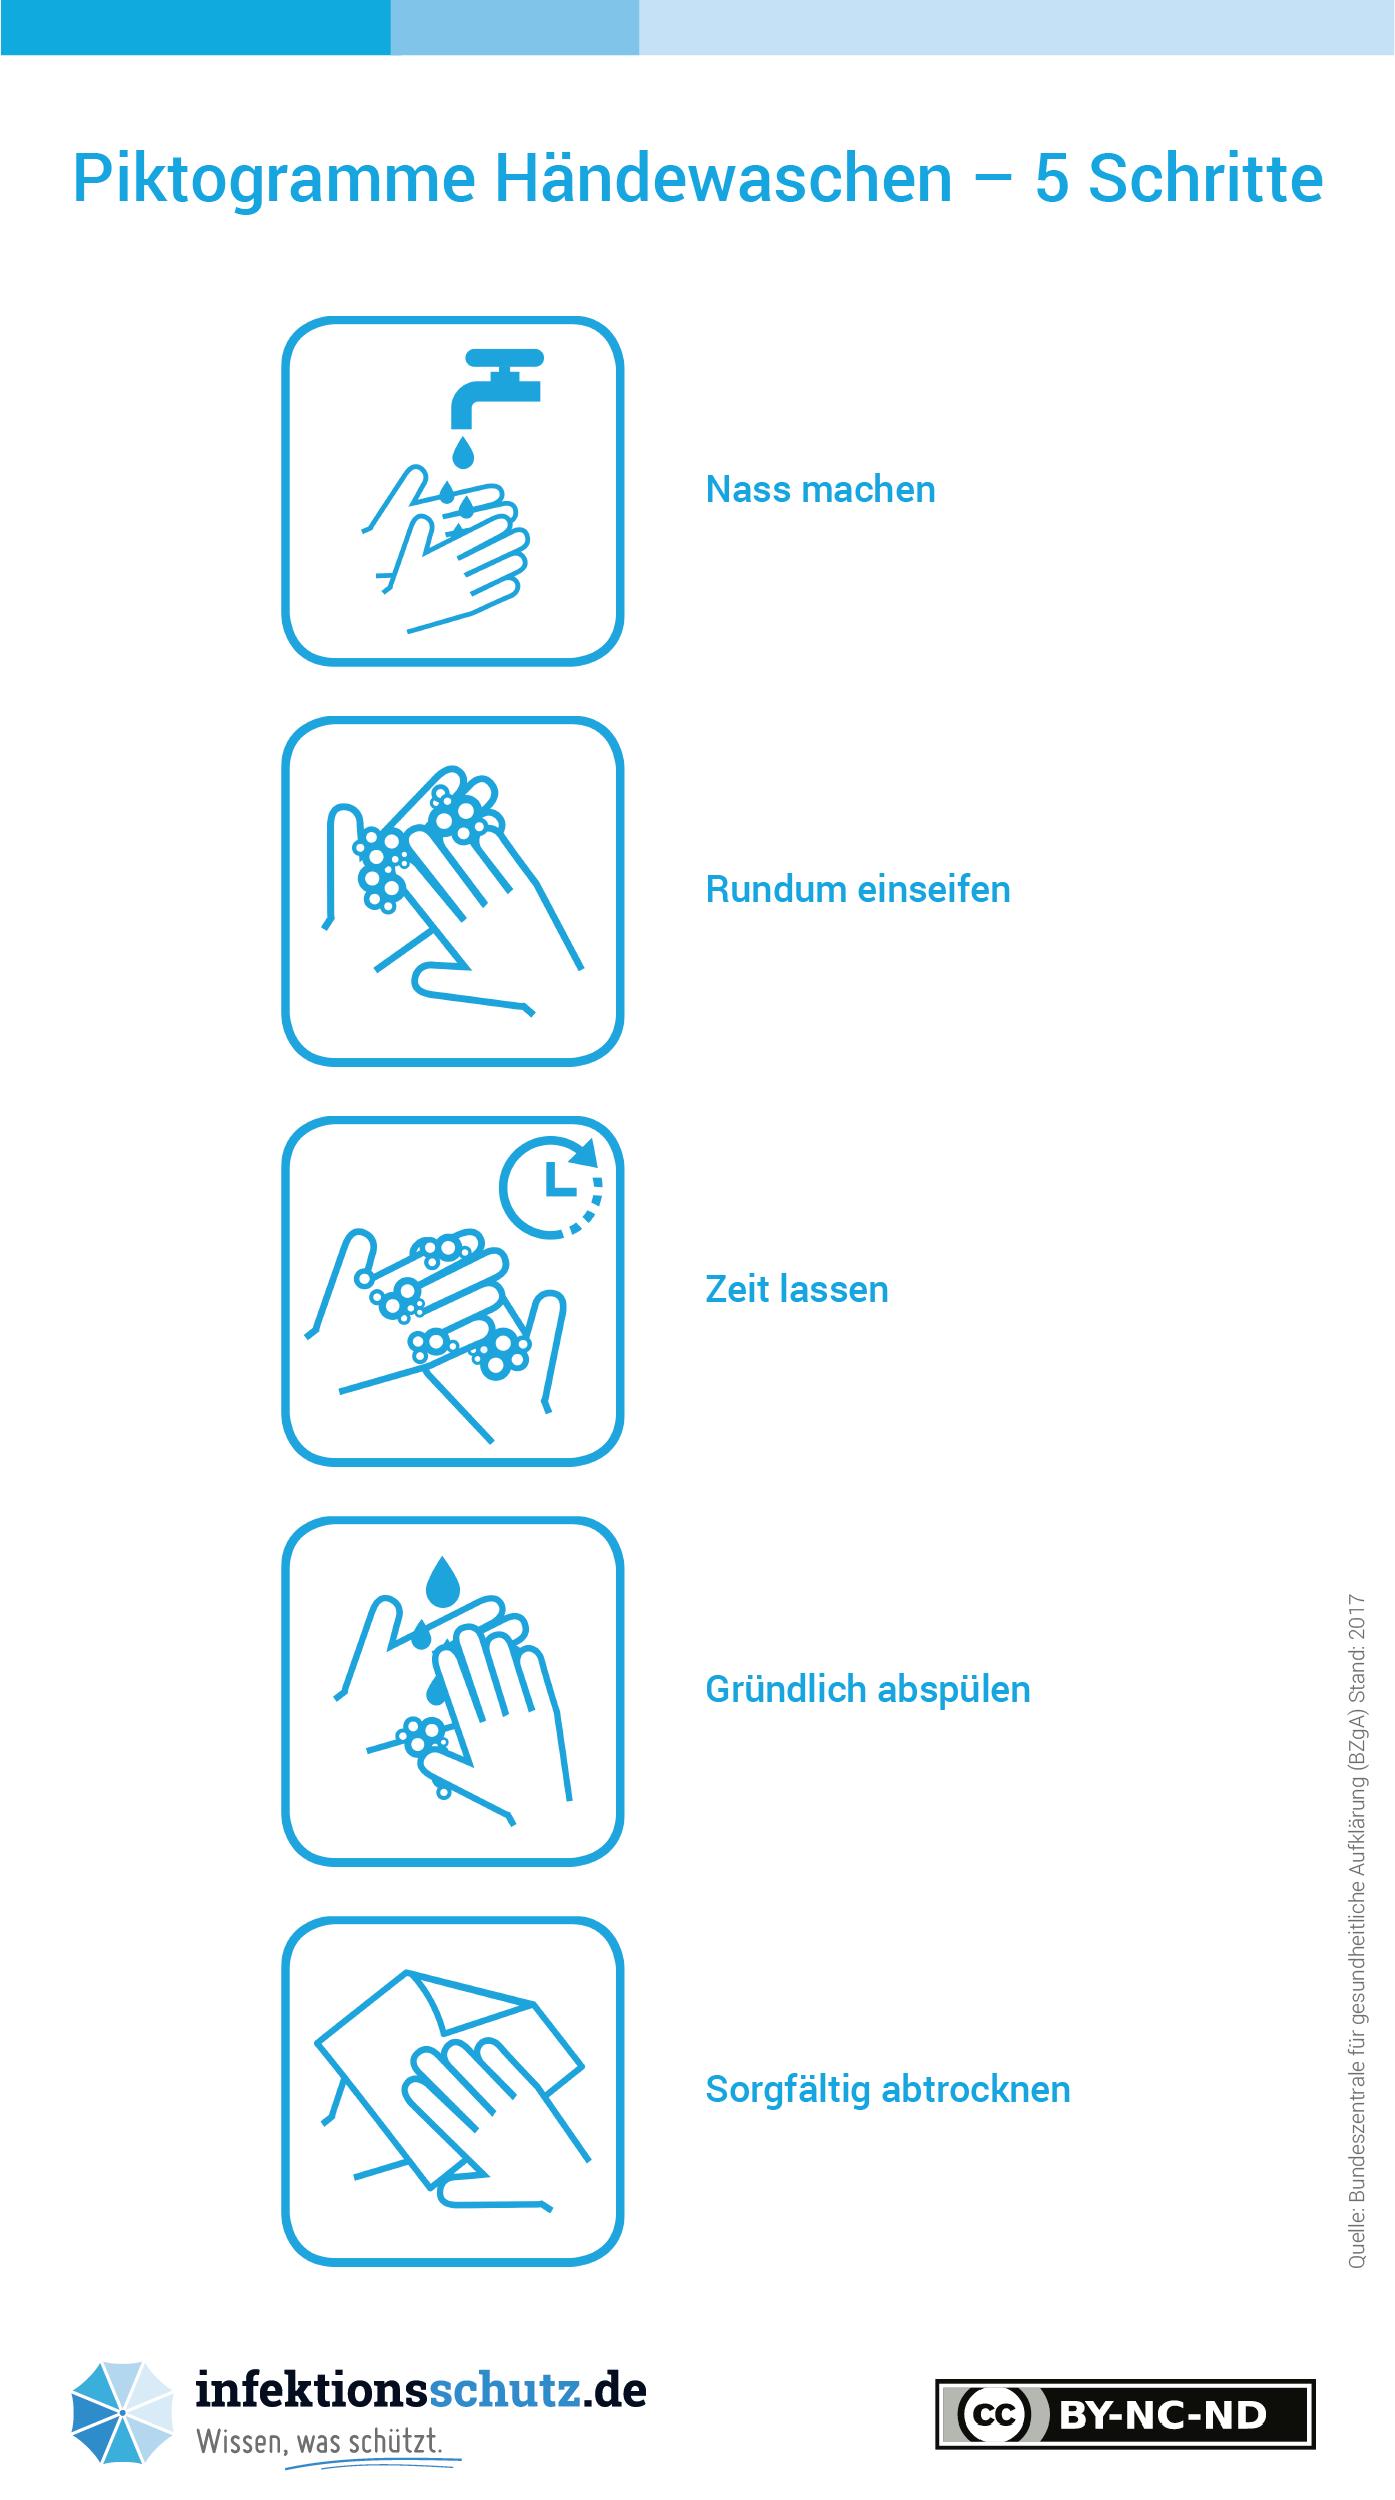 Abbildung: Bundeszentrale für gesundheitliche Aufklärung (BZgA), www.infektionsschutz.de, CC BY-NC-ND